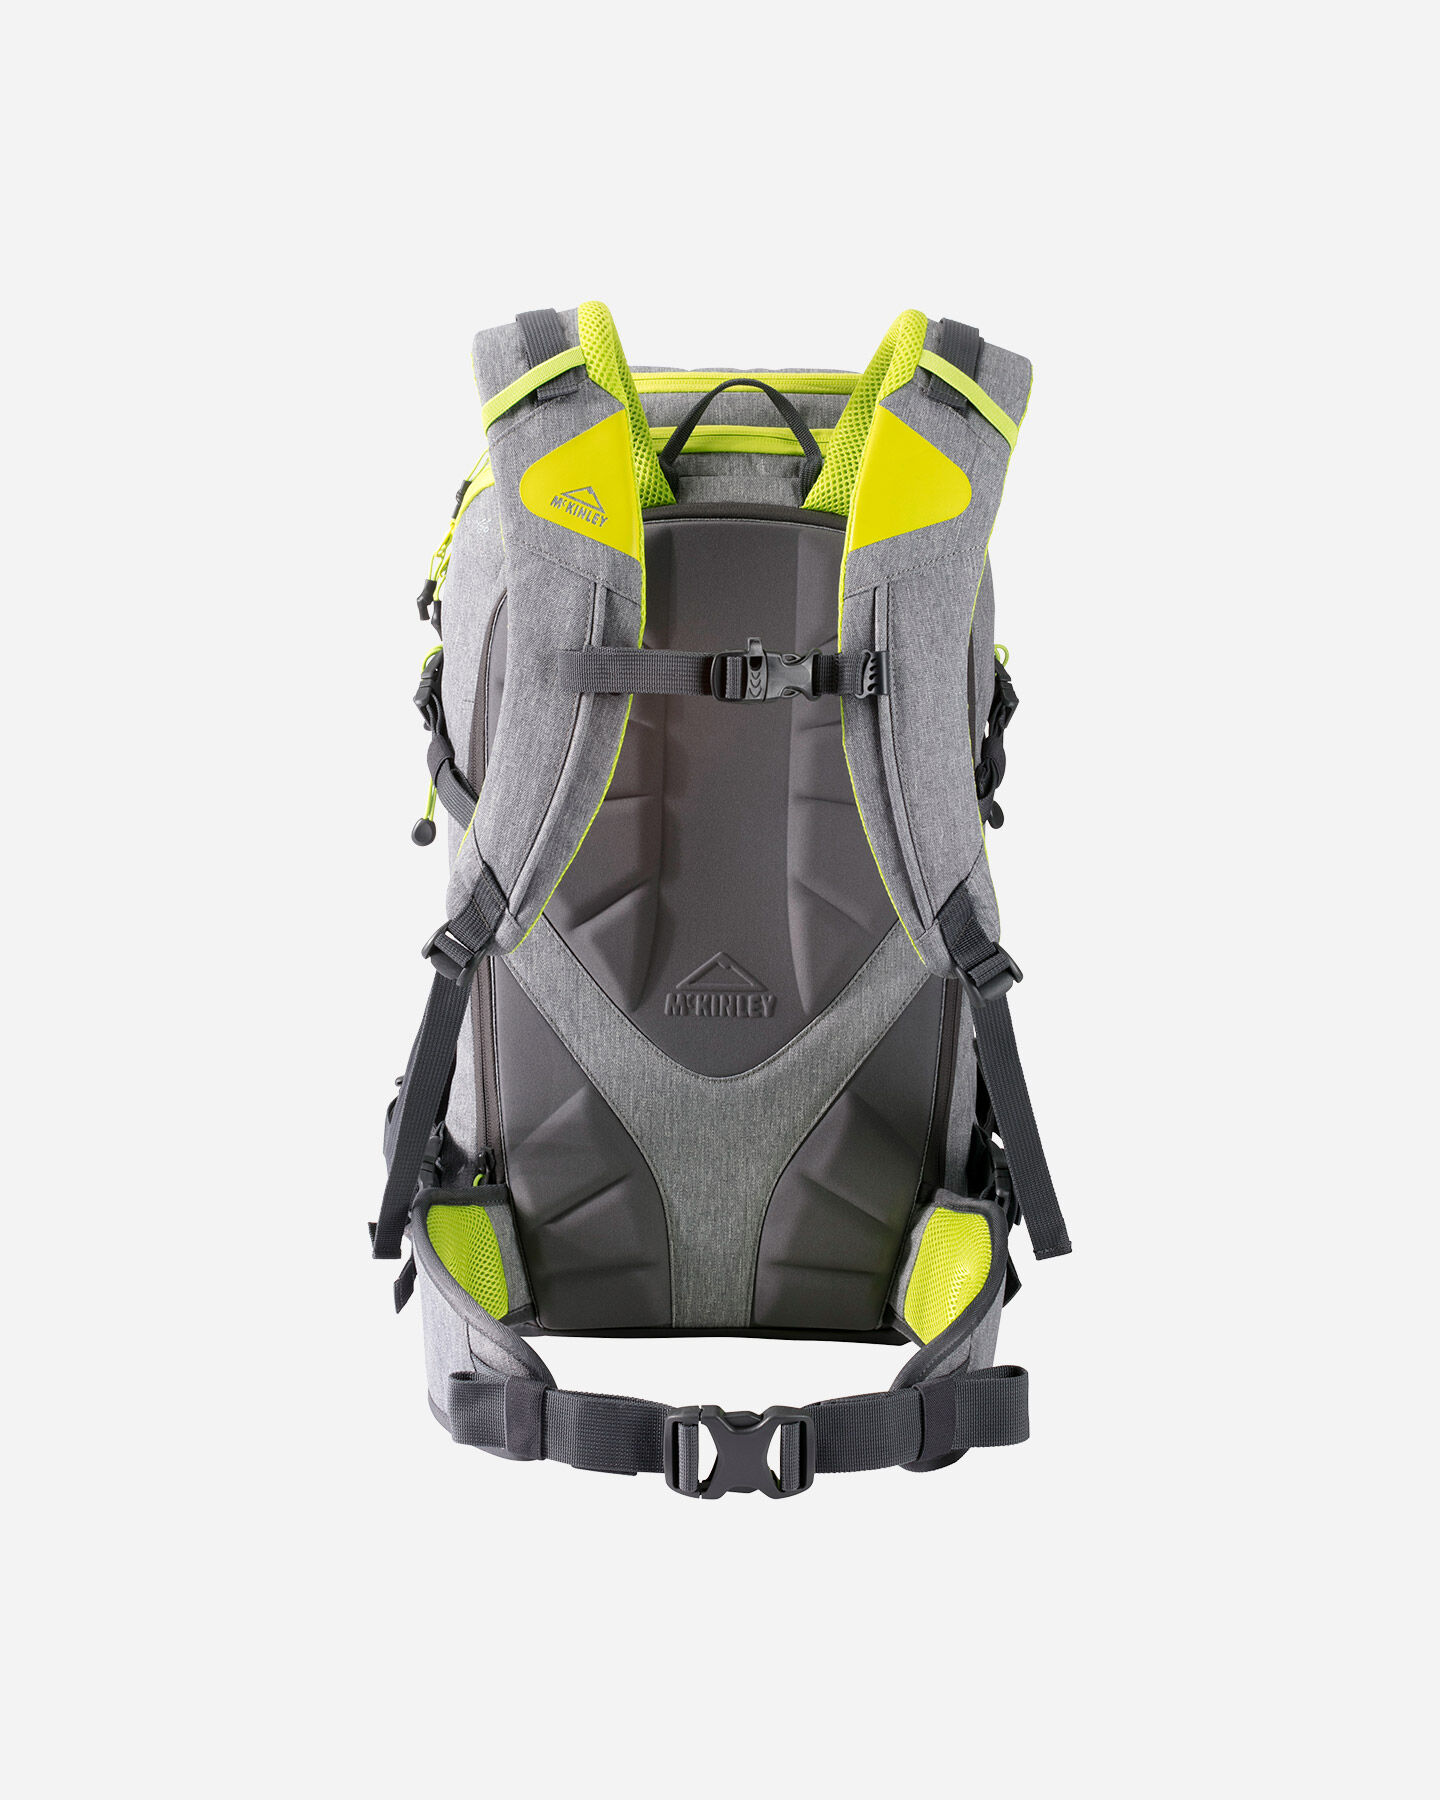 Zaino alpinismo MCKINLEY BLACK BURN 20 II S2021890|903|20 scatto 1